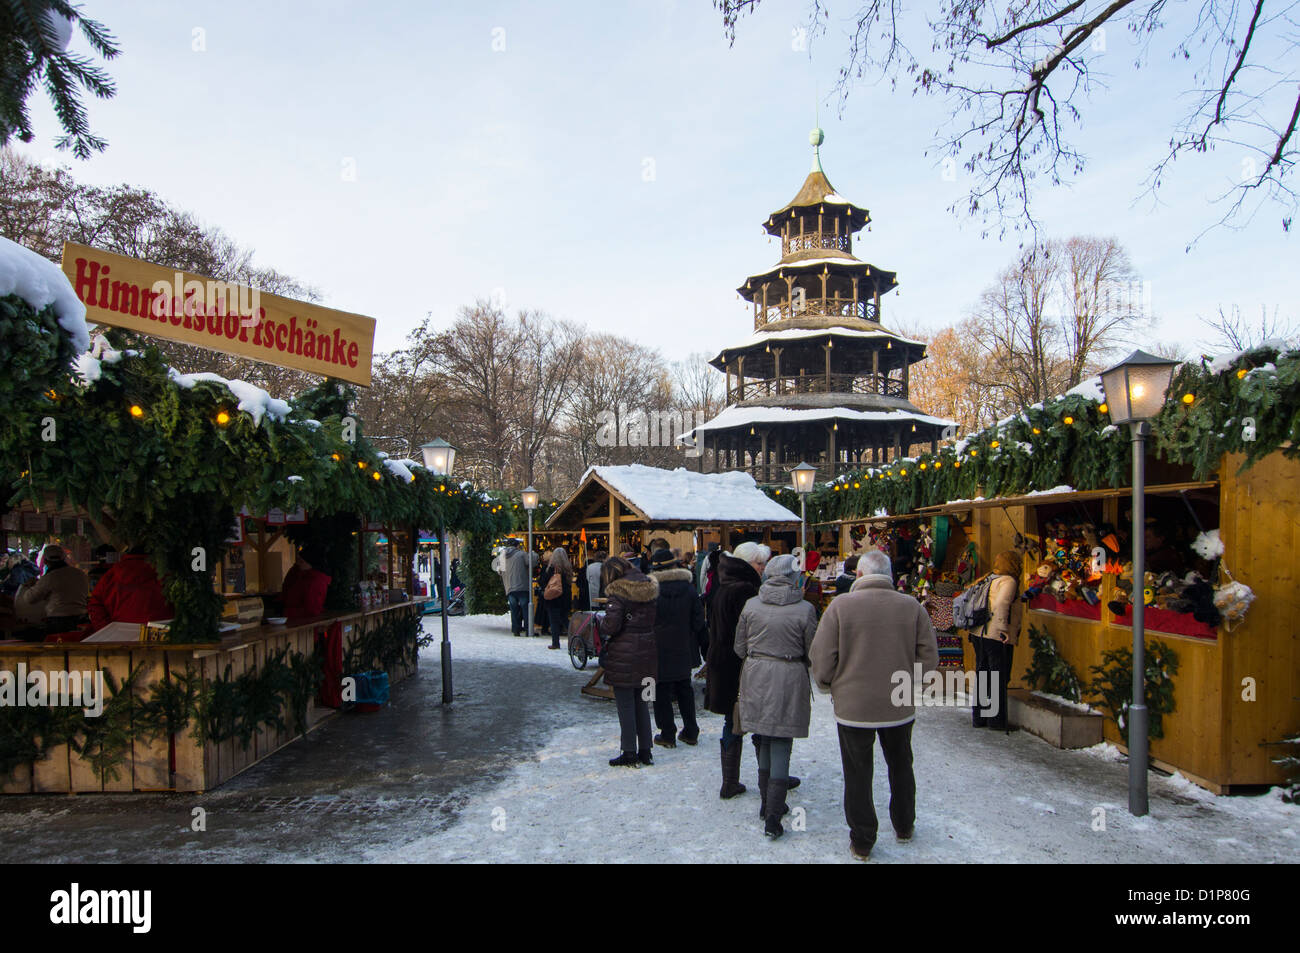 Marché de Noël à la Tour Chinoise dans le Jardin Anglais de Munich, Allemagne, Haute-Bavière Banque D'Images